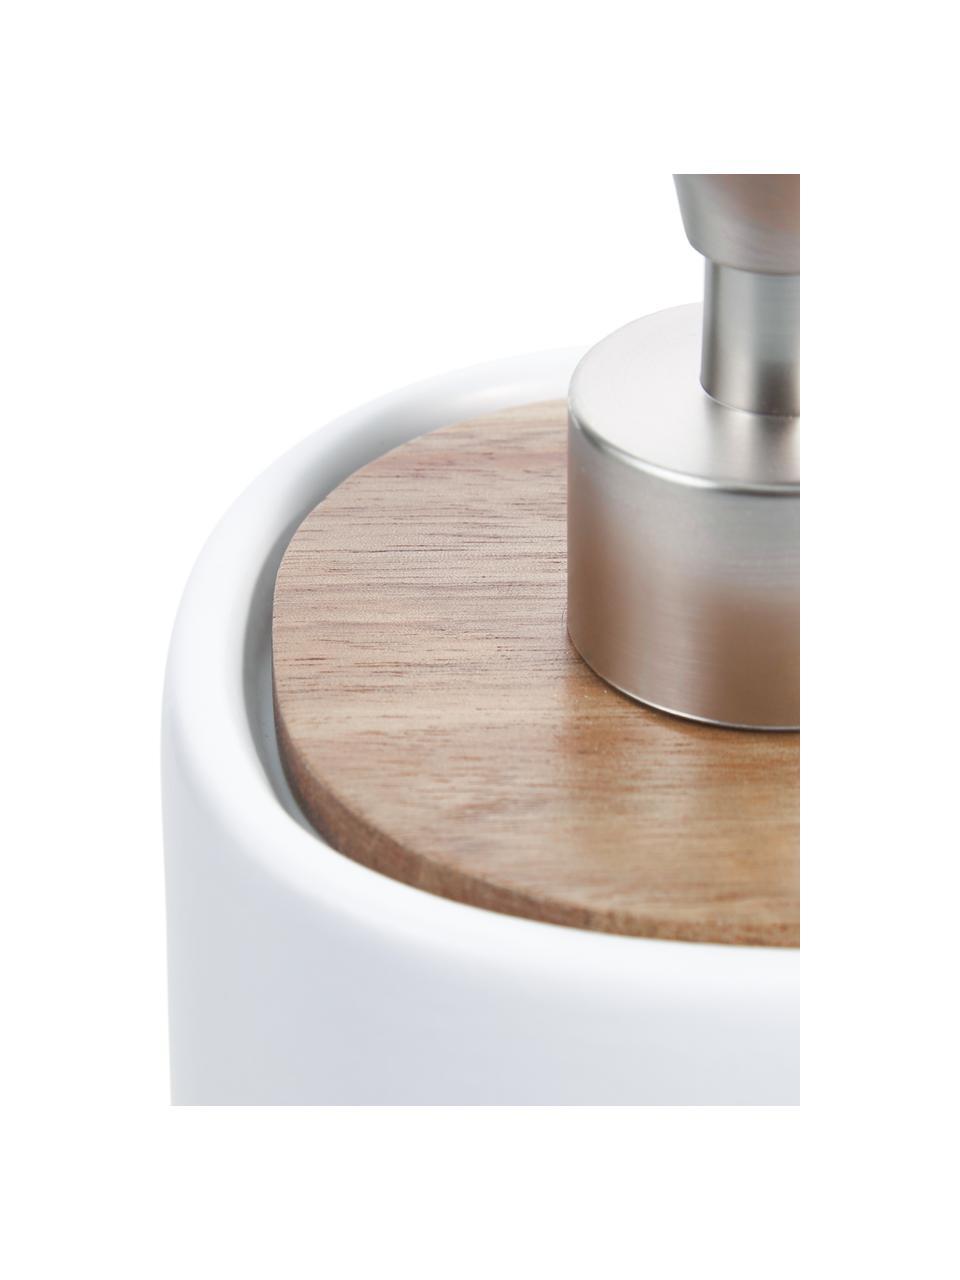 Dosatore di sapone Wili, Contenitore: ceramica, Coperchio: legno d'acacia, Testa della pompa: materiale sintetico, Bianco, legno d'acacia, Ø 10 x Alt. 14 cm